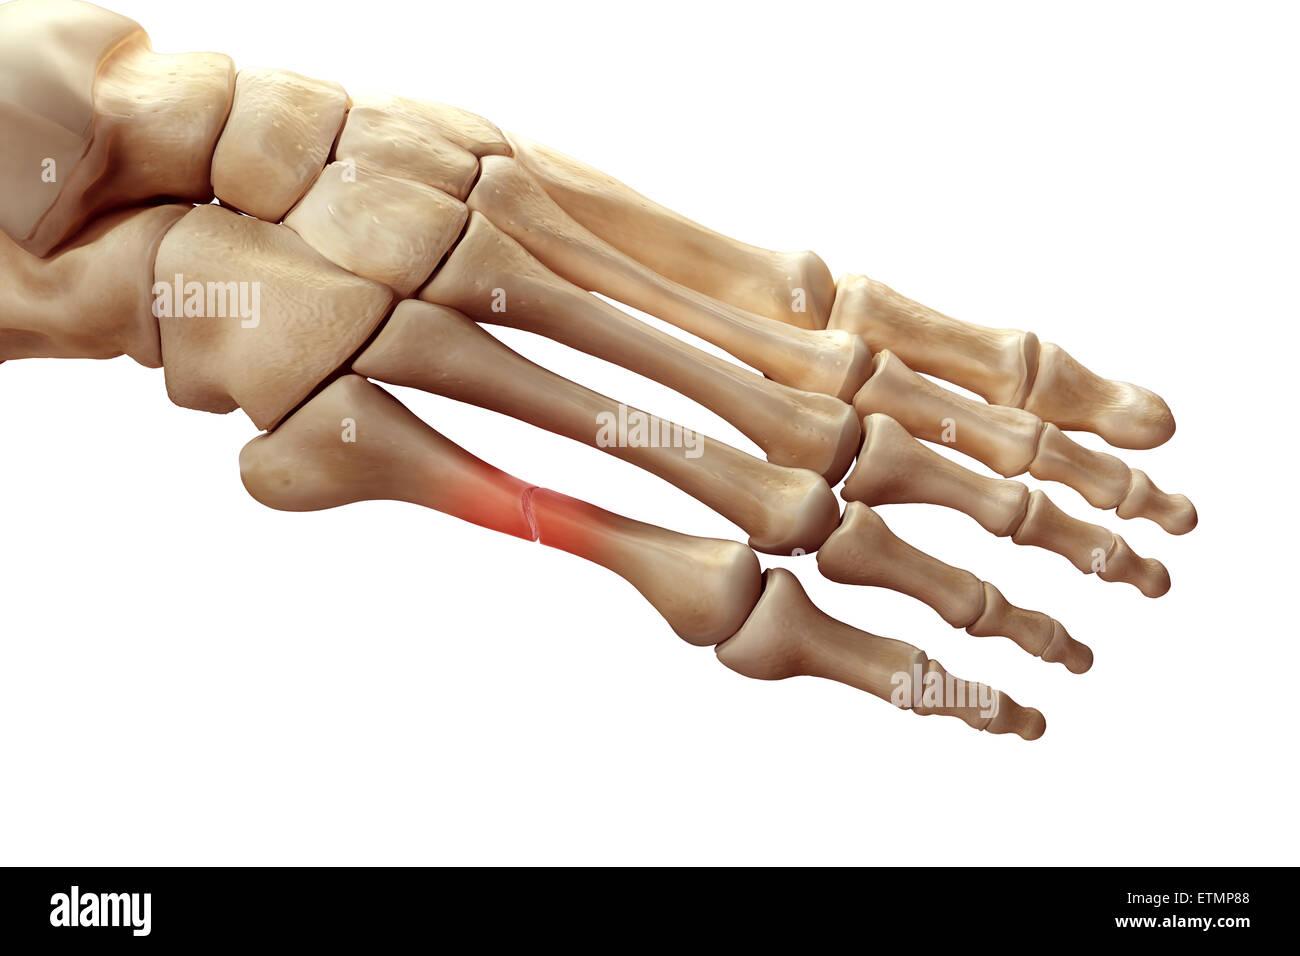 Darstellung der Knochen des Fußes mit einer Pause in einem ...